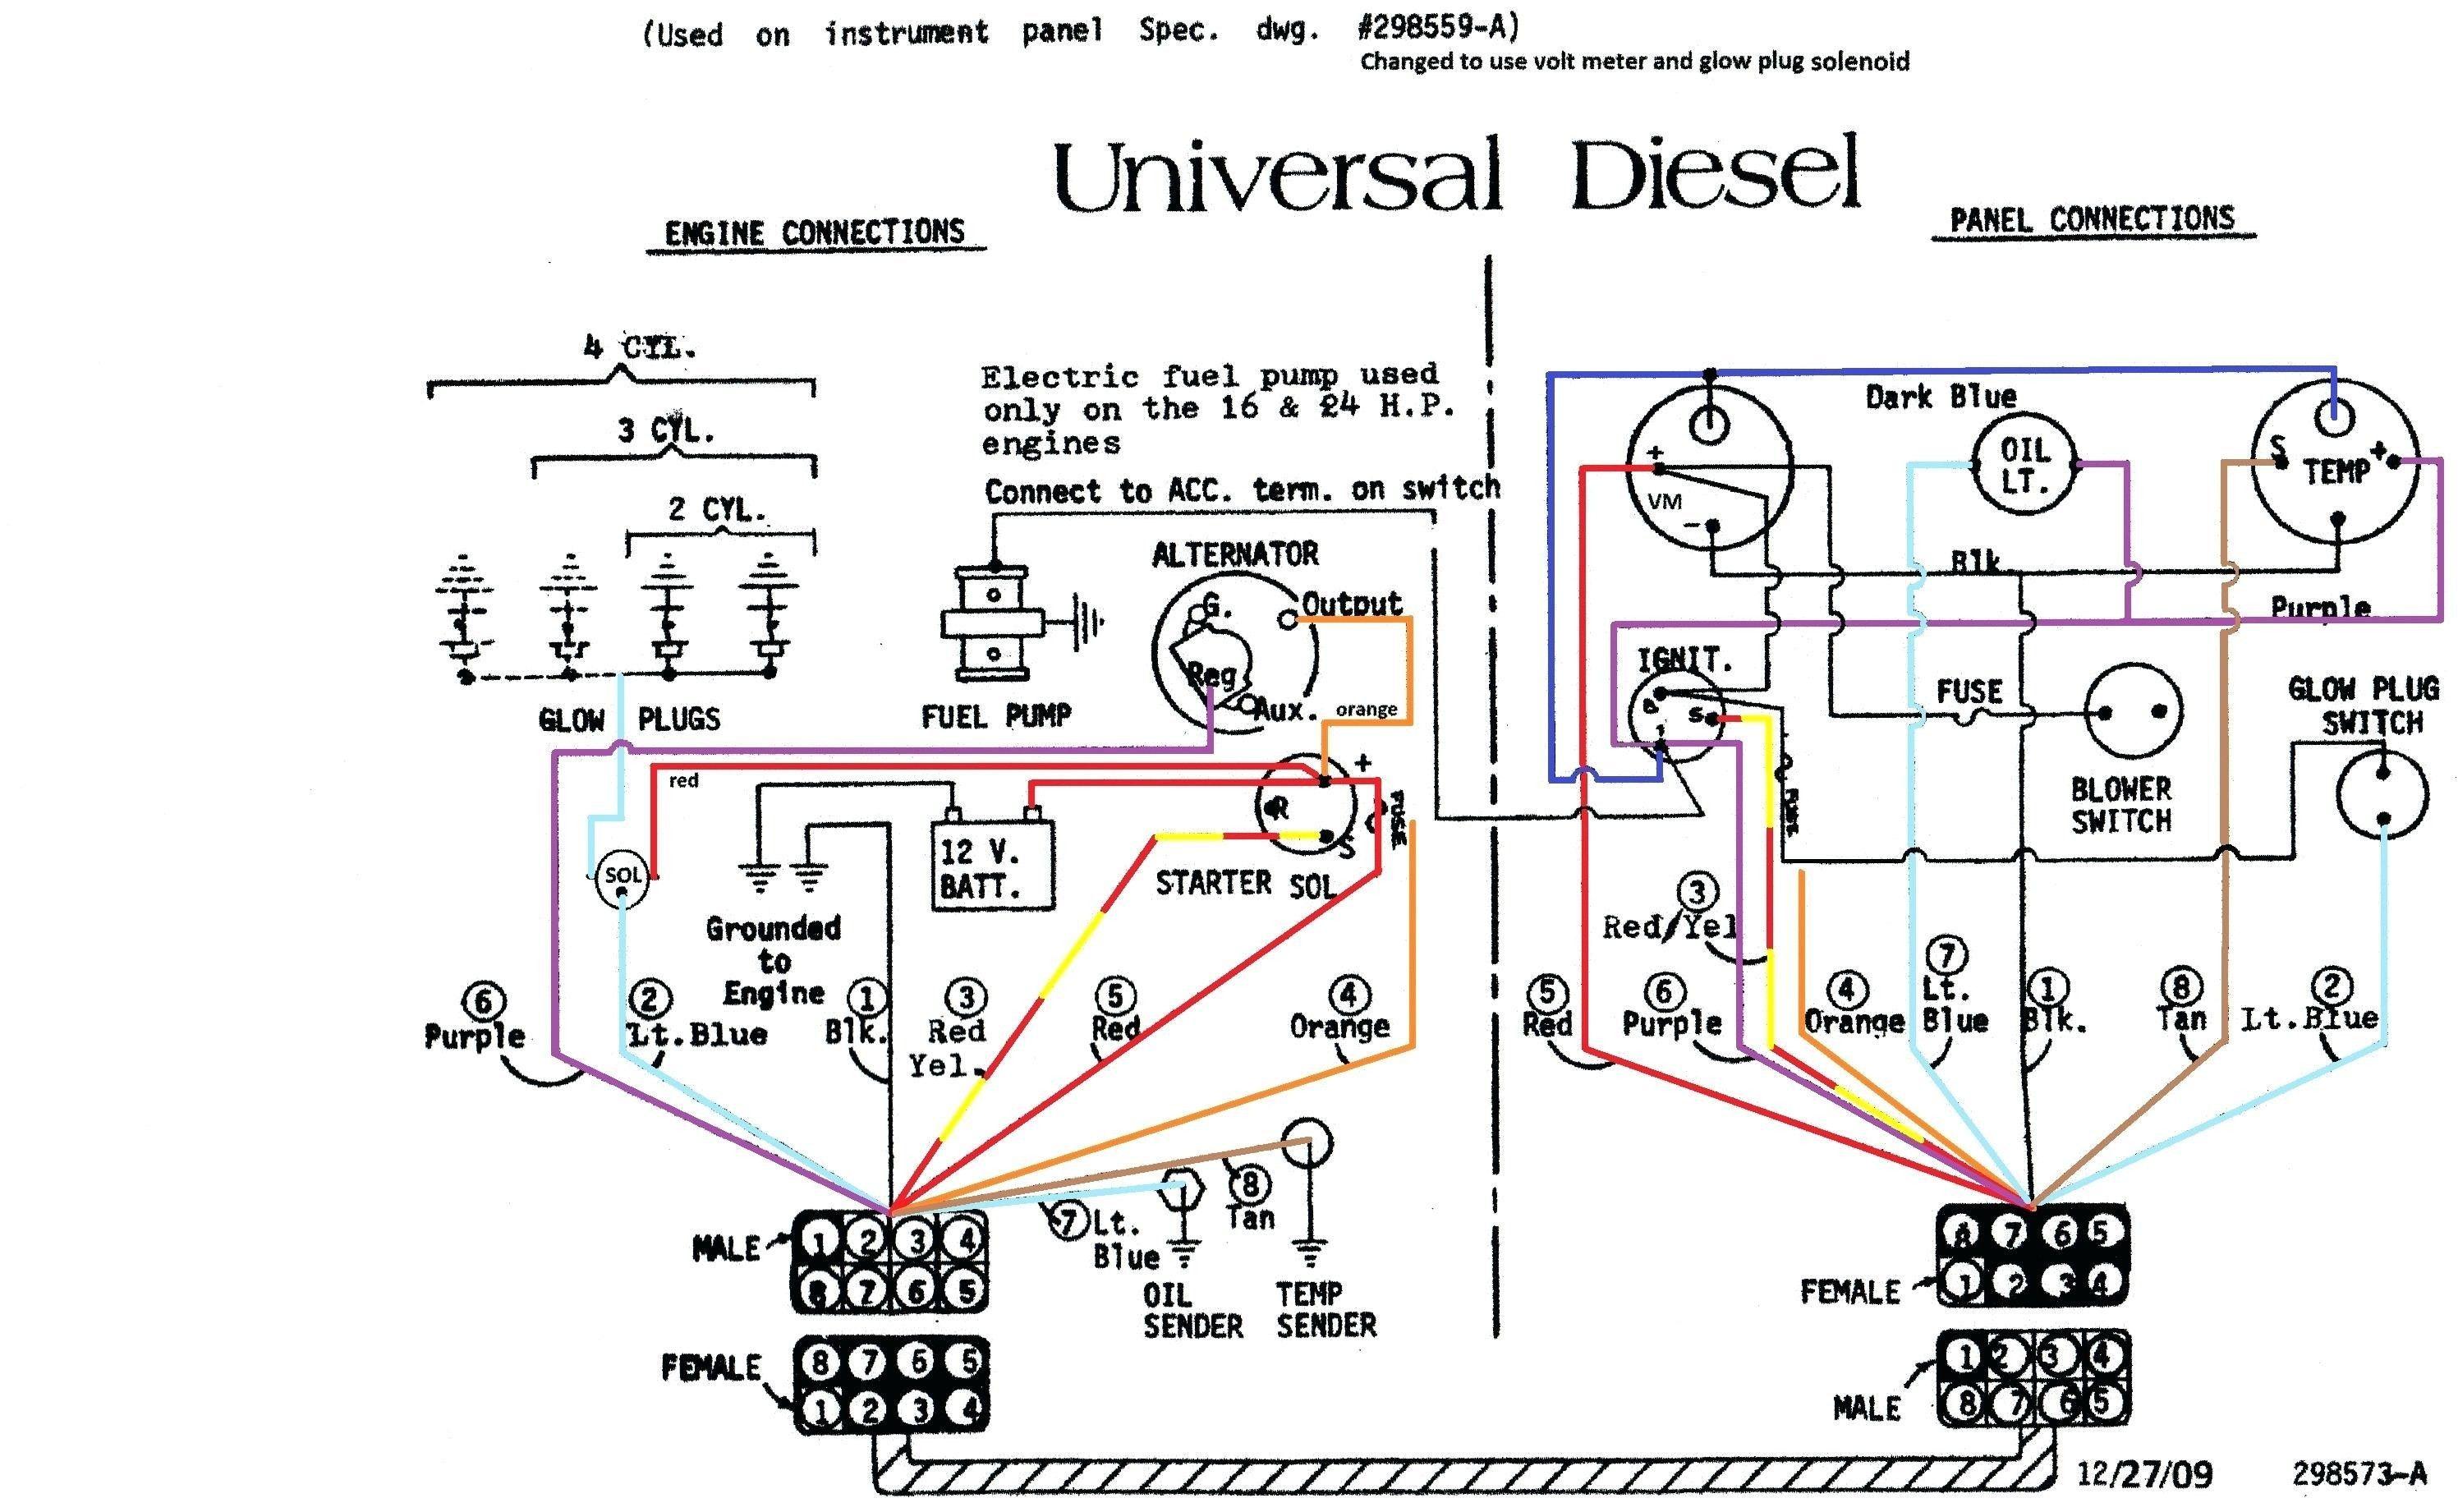 powerline alternator wiring diagram wiring diagrams powerline alternator wiring diagram [ 2993 x 1841 Pixel ]